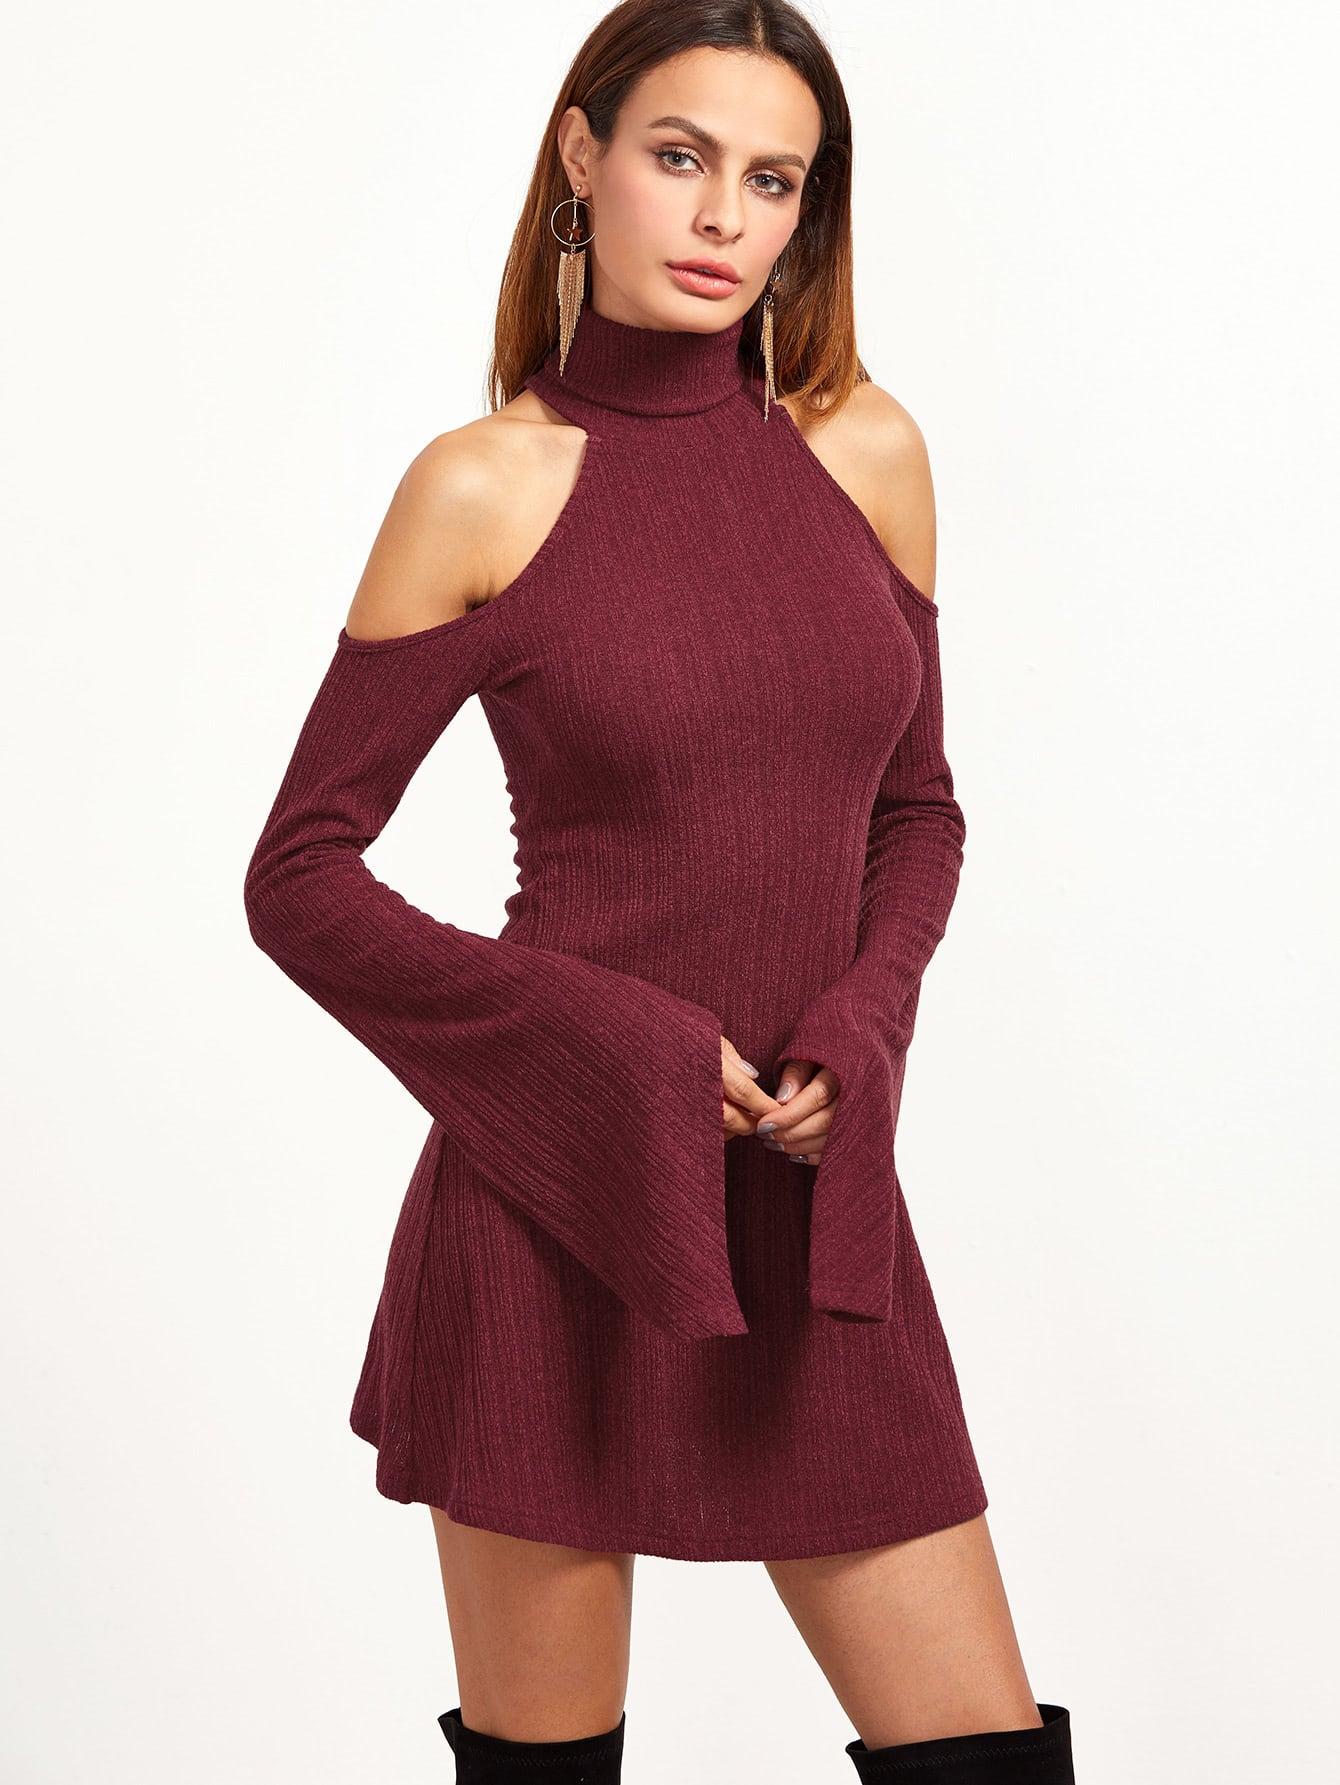 Burgundy Ribbed Knit Cold Shoulder Bell Sleeve Dress dress161122713